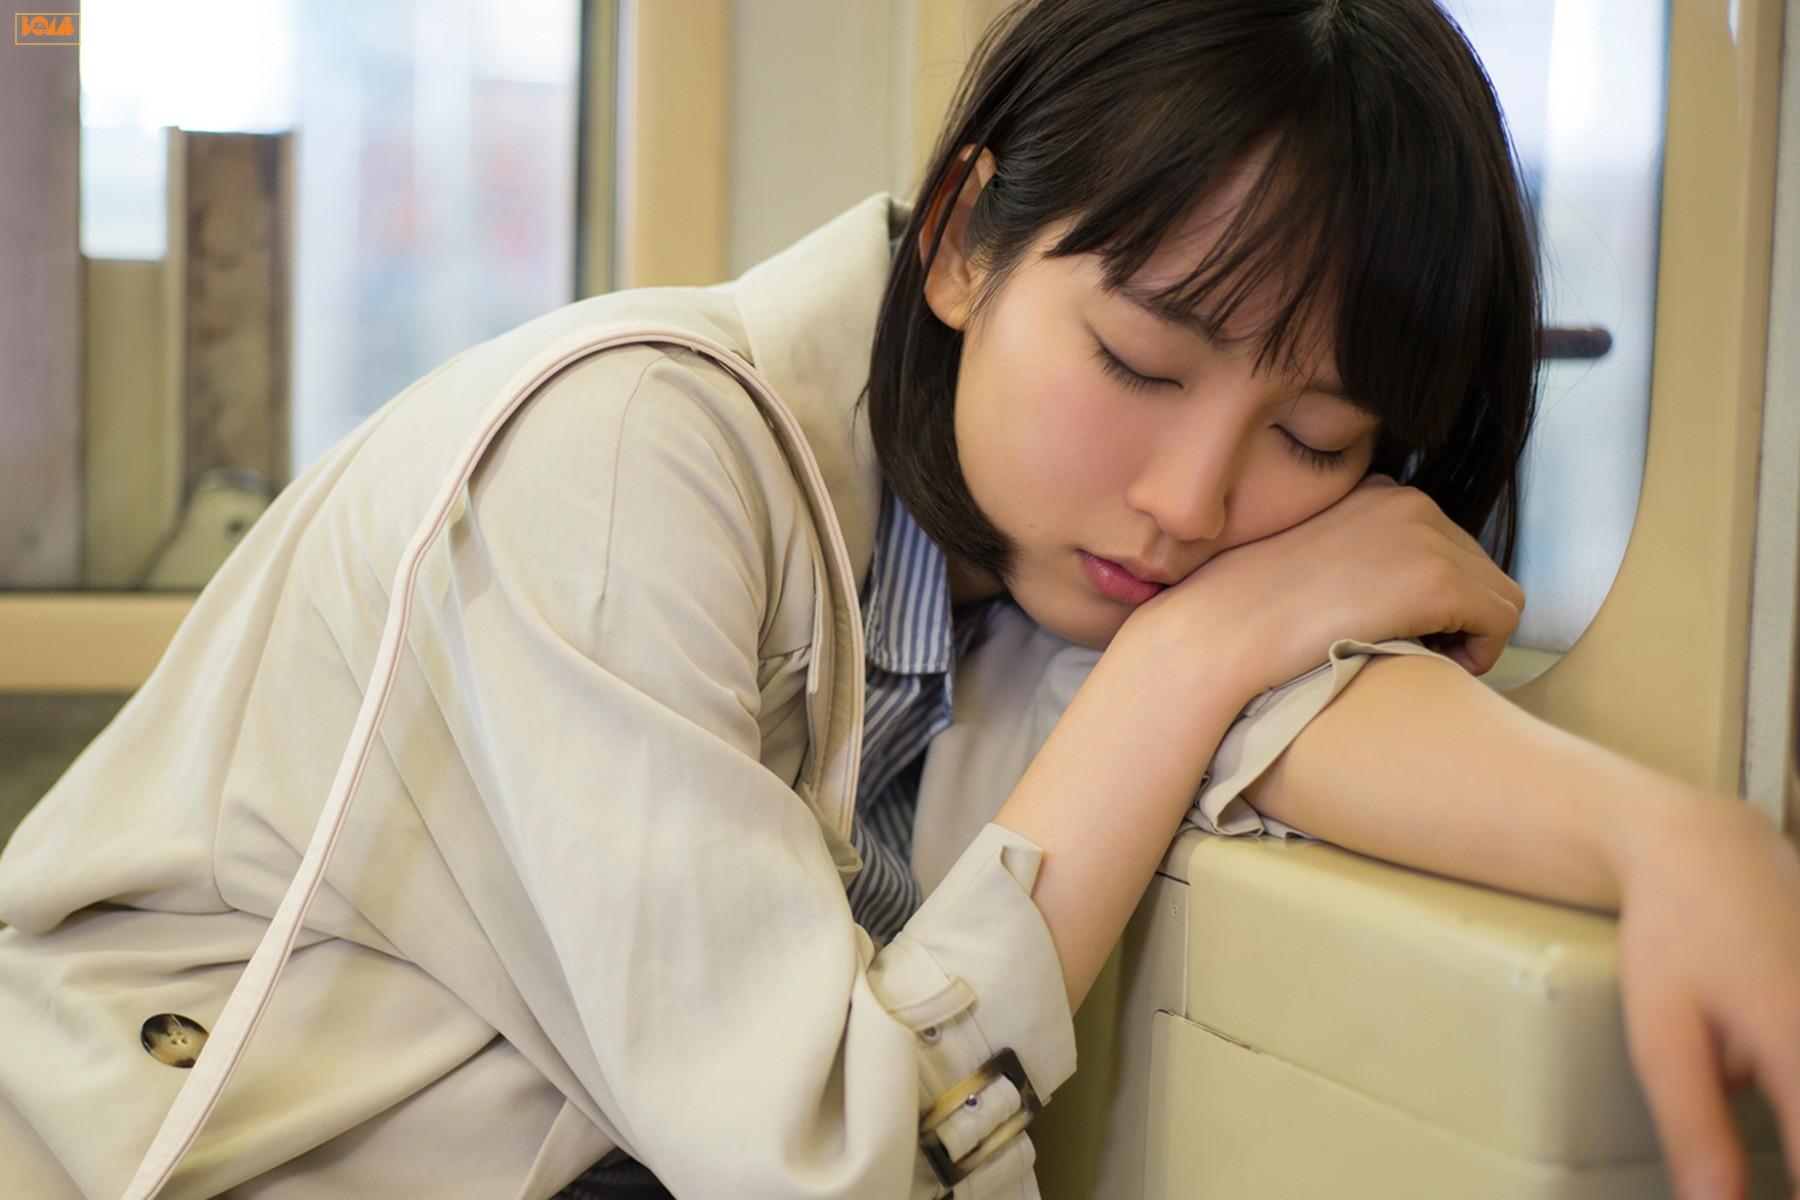 色亚洲日本18图_球色怡人亚洲版:与巴尔特拉同月同日生的日本女影星吉冈里帆